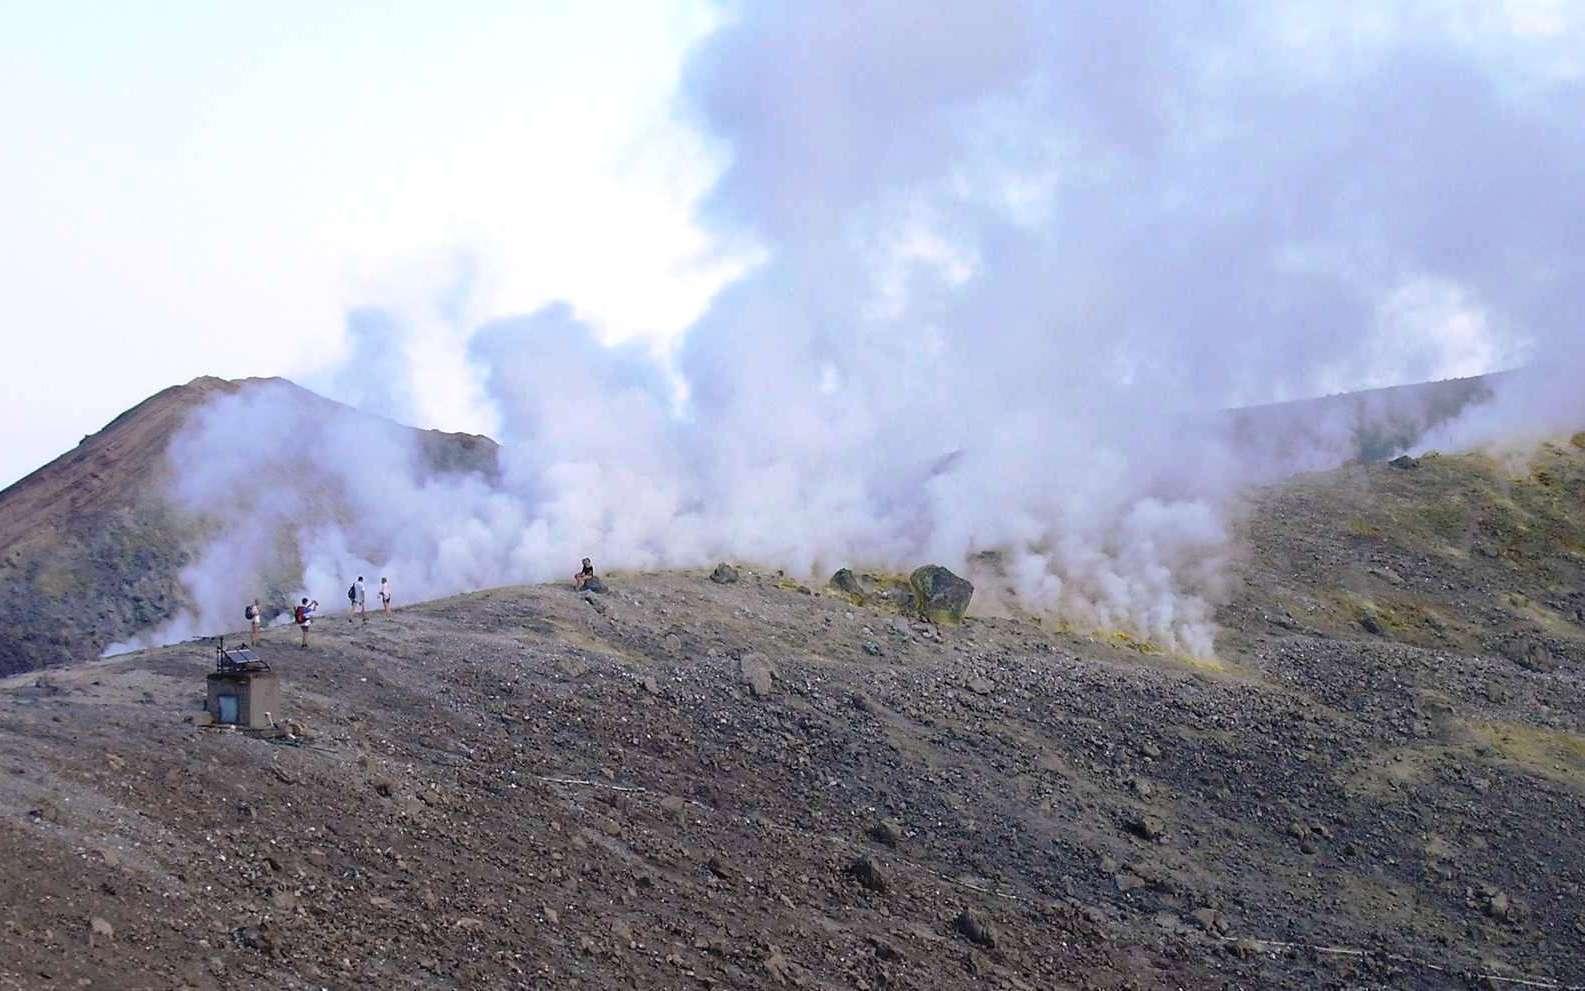 L'origine de l'eau de l'océan primitif pourrait se trouver dans les entrailles de la Terre. Les volcans l'auraient émis il y a des milliards d'années. Sur cette image, les fumerolles riches en eau du volcan de la Fossa sur l'île éolienne de Vulcano, en Sicile. © Laurent Sacco, Futura-Sciences